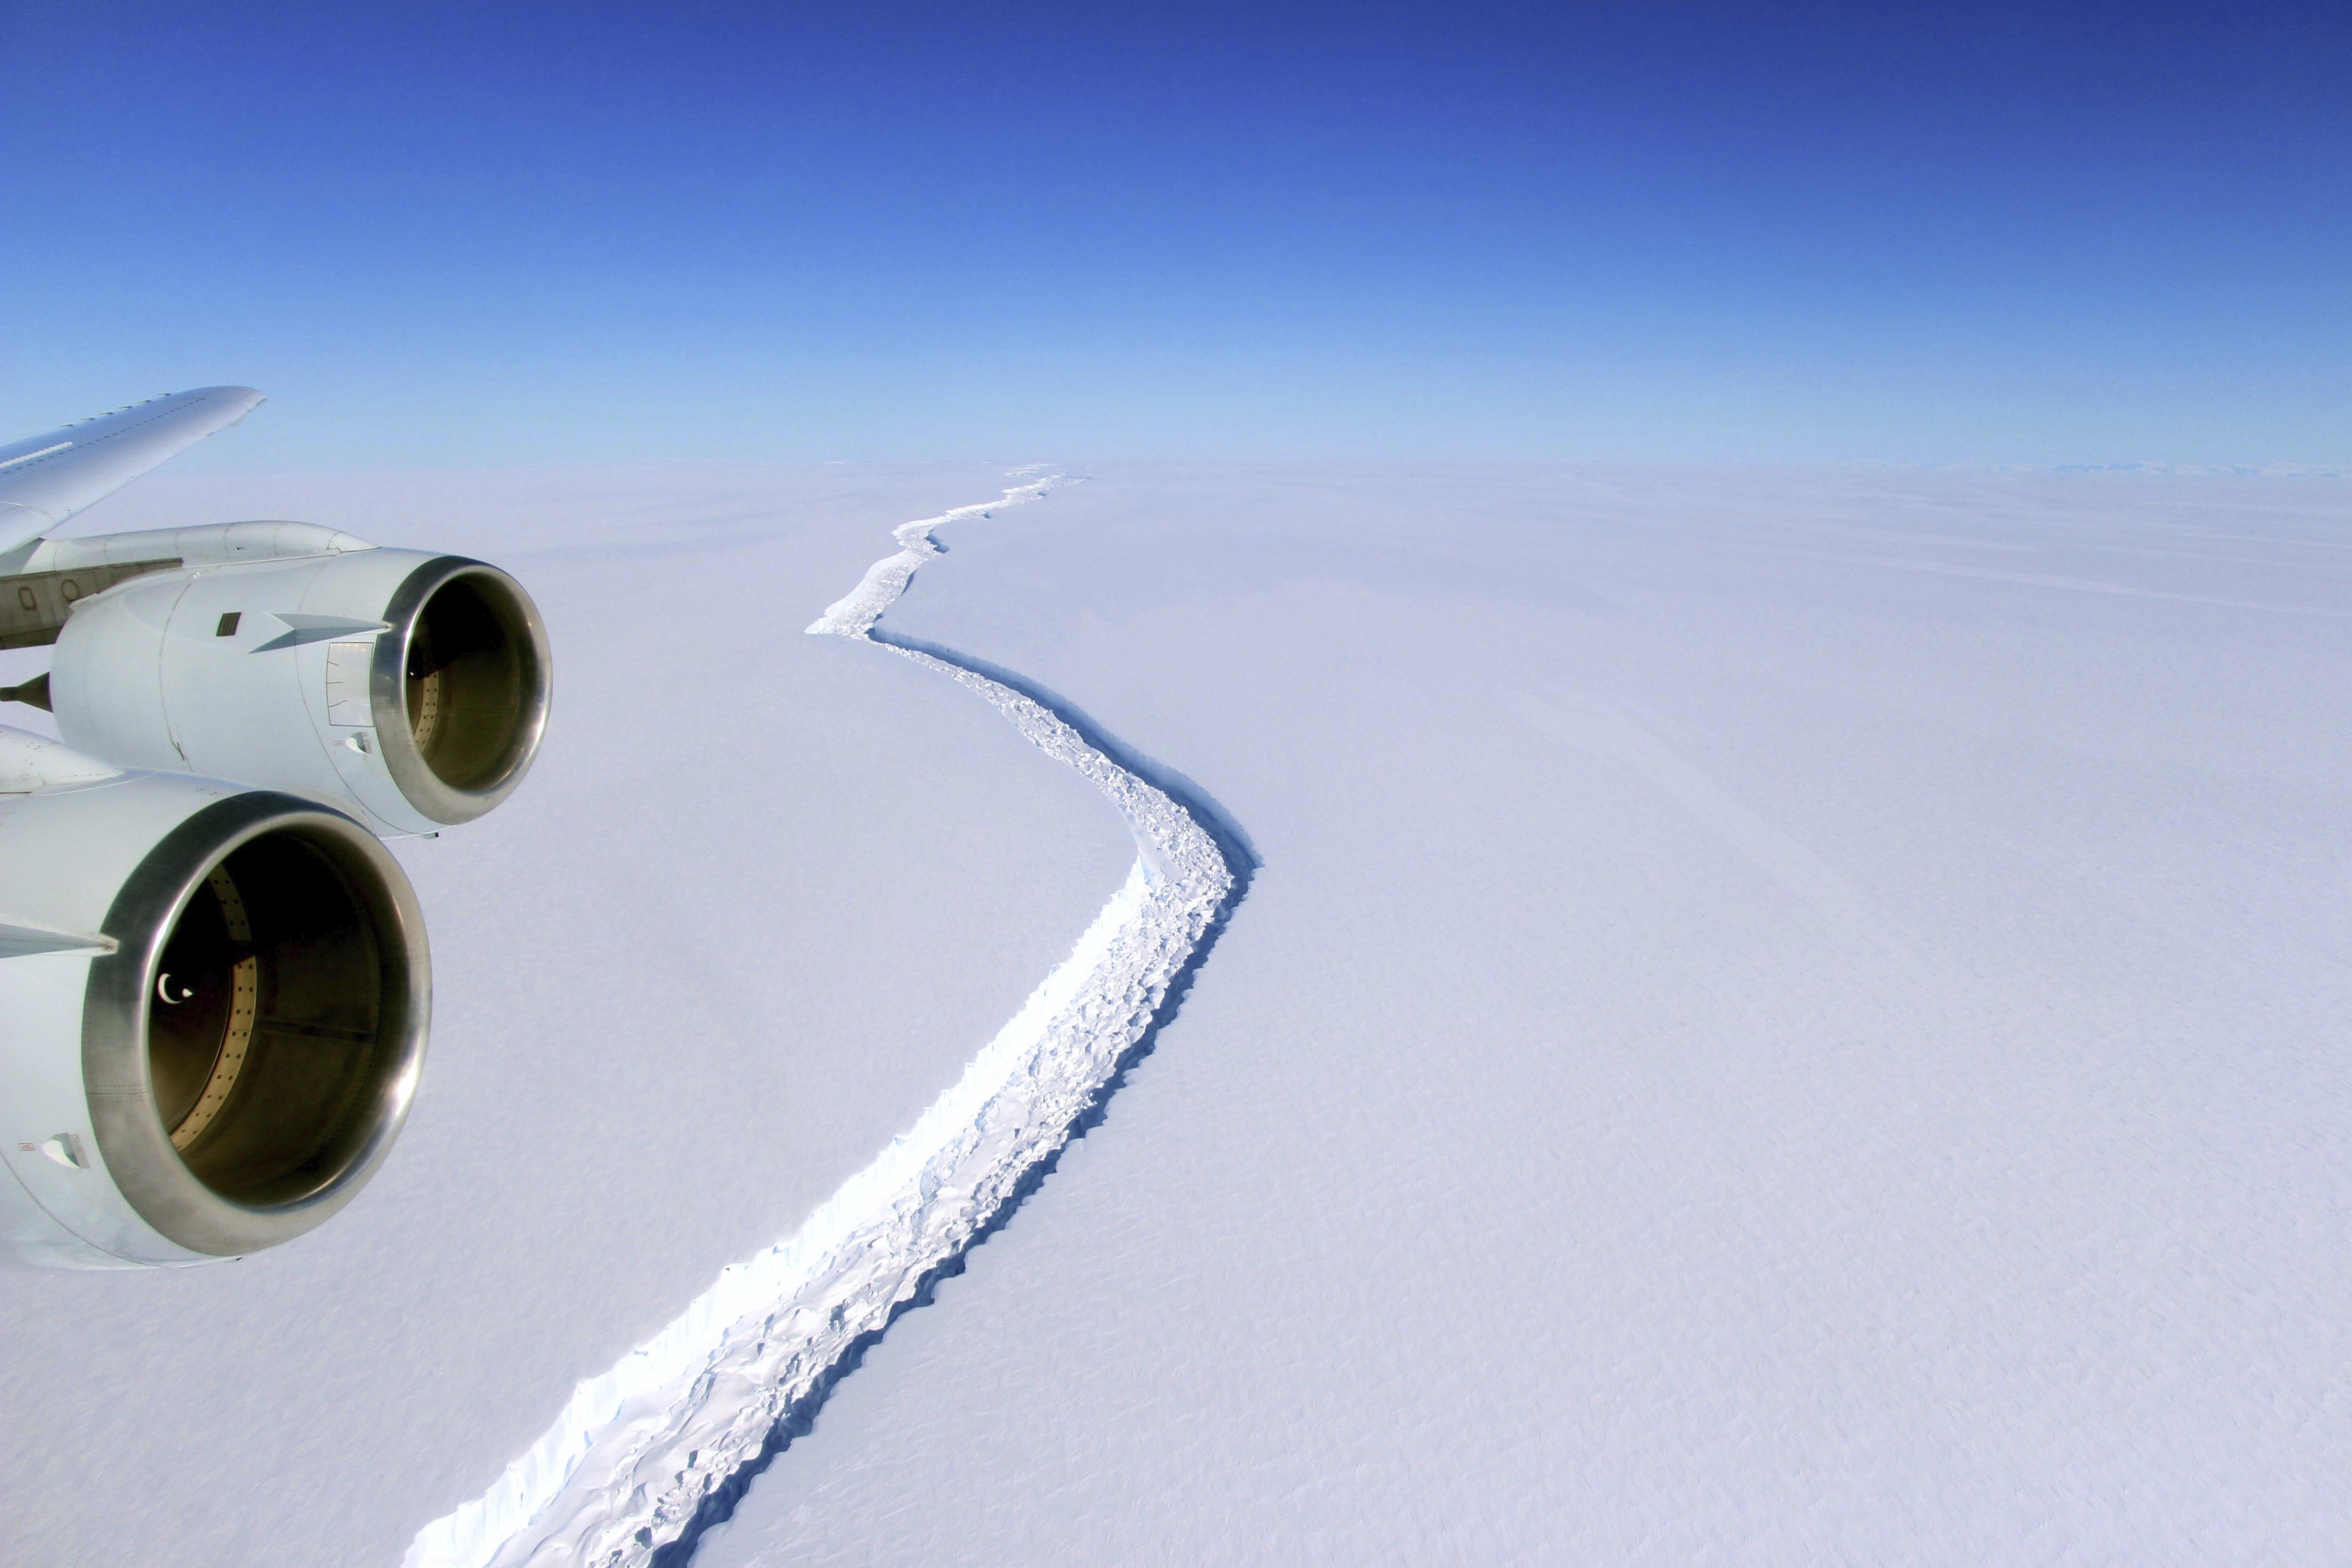 Fotografía de archivo fechada el 10 de noviembre que muestra una vista aérea de una grieta en el segmento Larsen C en la Antártida - FOTO: EFE